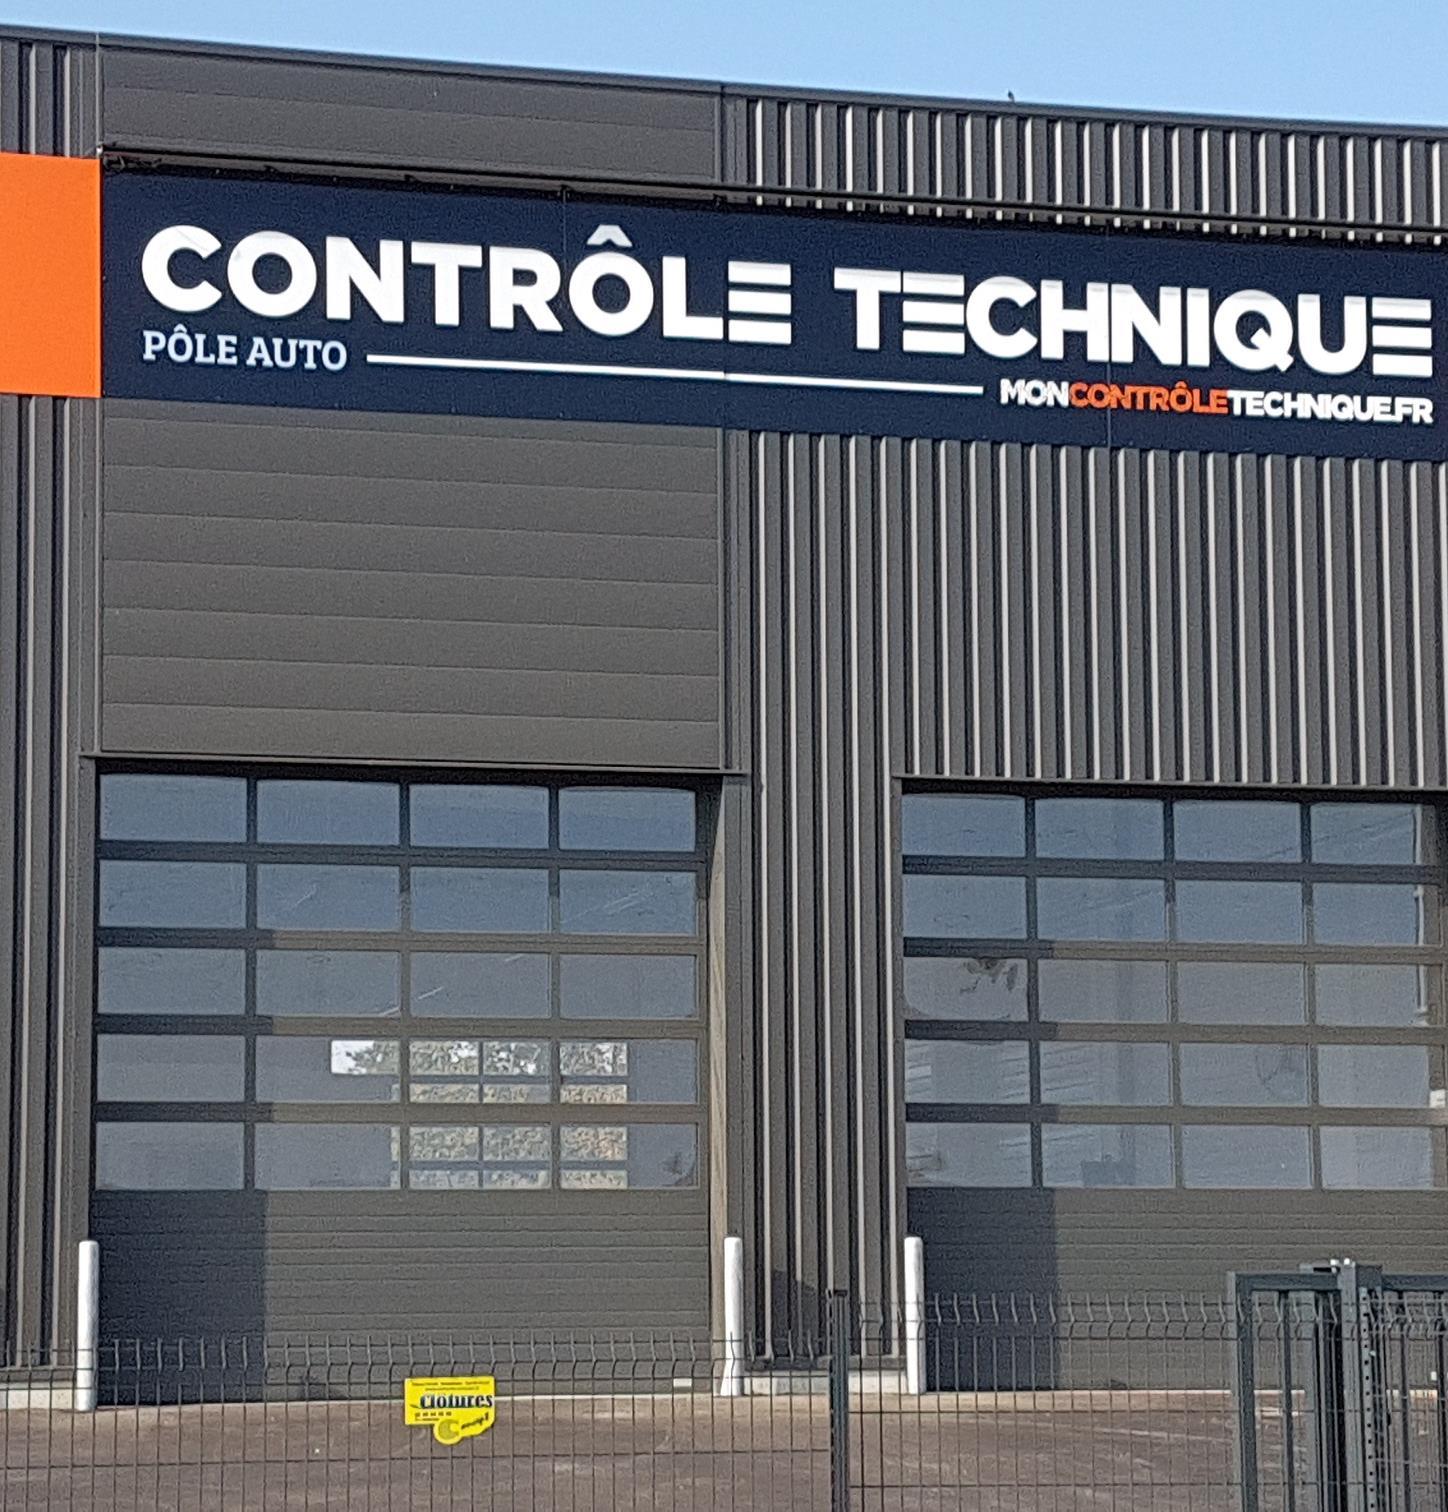 Centre de controle technique CONTRÔLE TECHNIQUE POLE AUTO situé proche de ST GREGOIRE, 35760